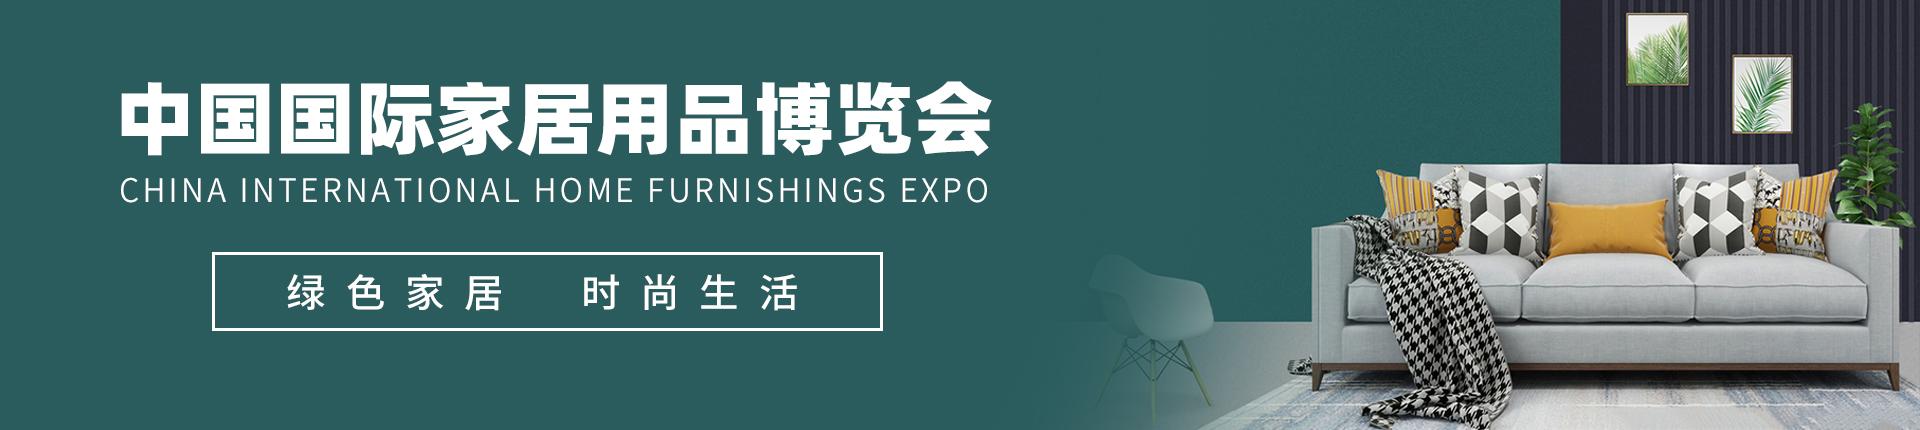 云展·中国国际家居用品博览会